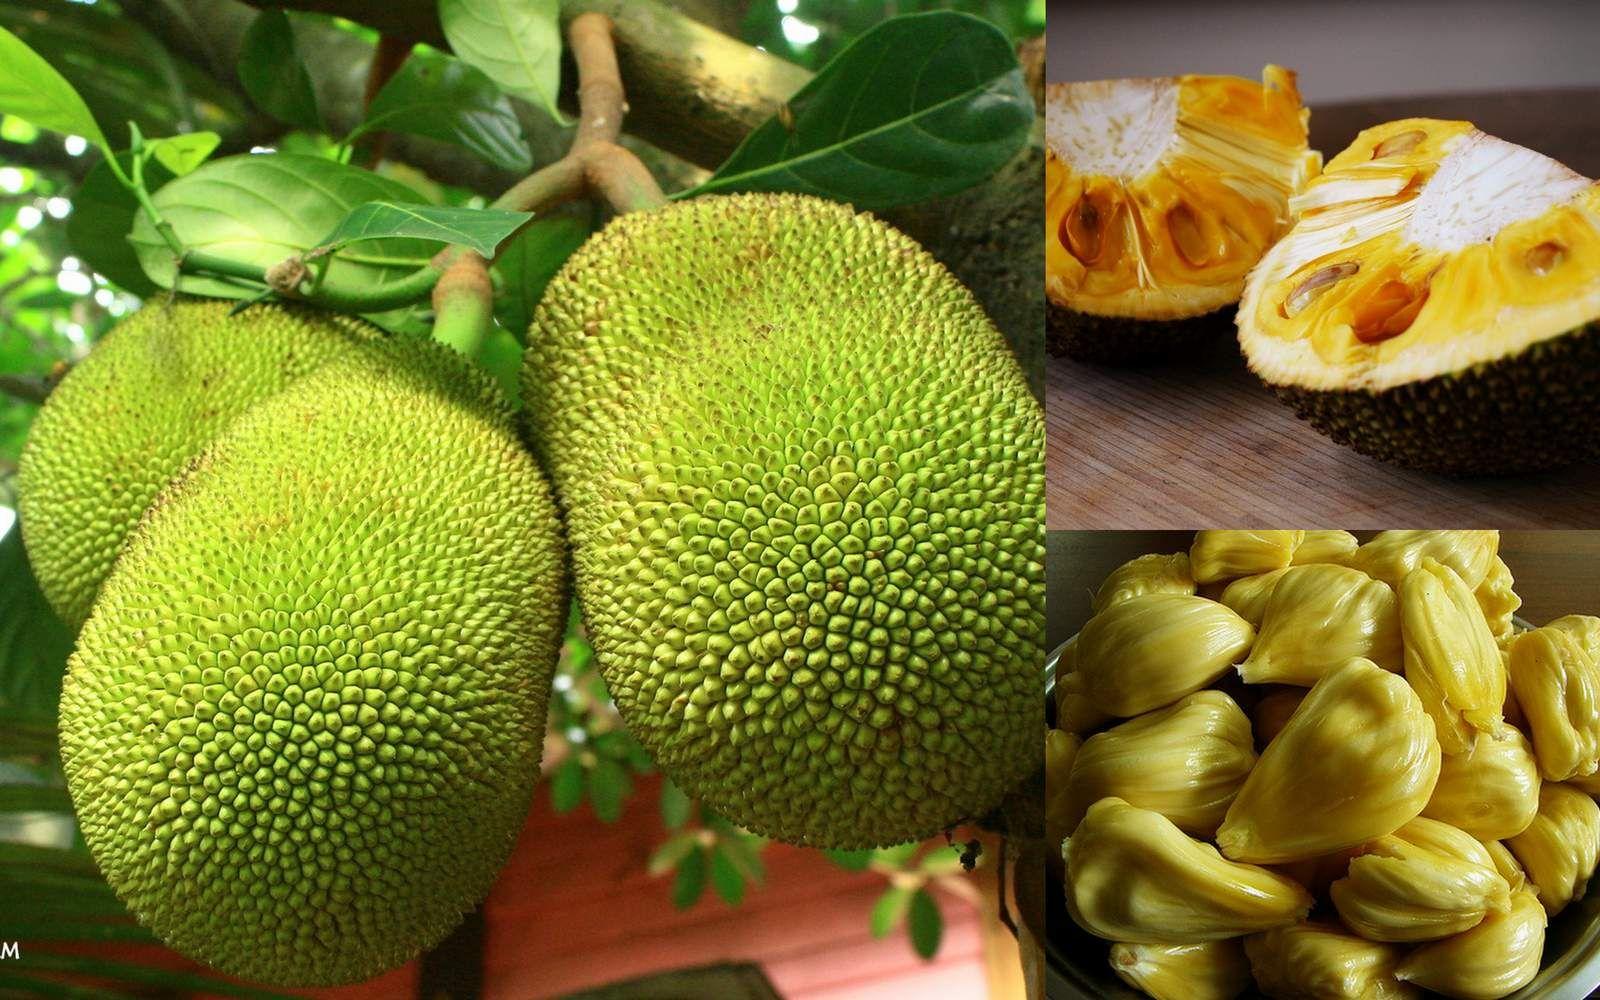 данный все фрукты мира с названиями и картинками искусственной среде фотобиореактора